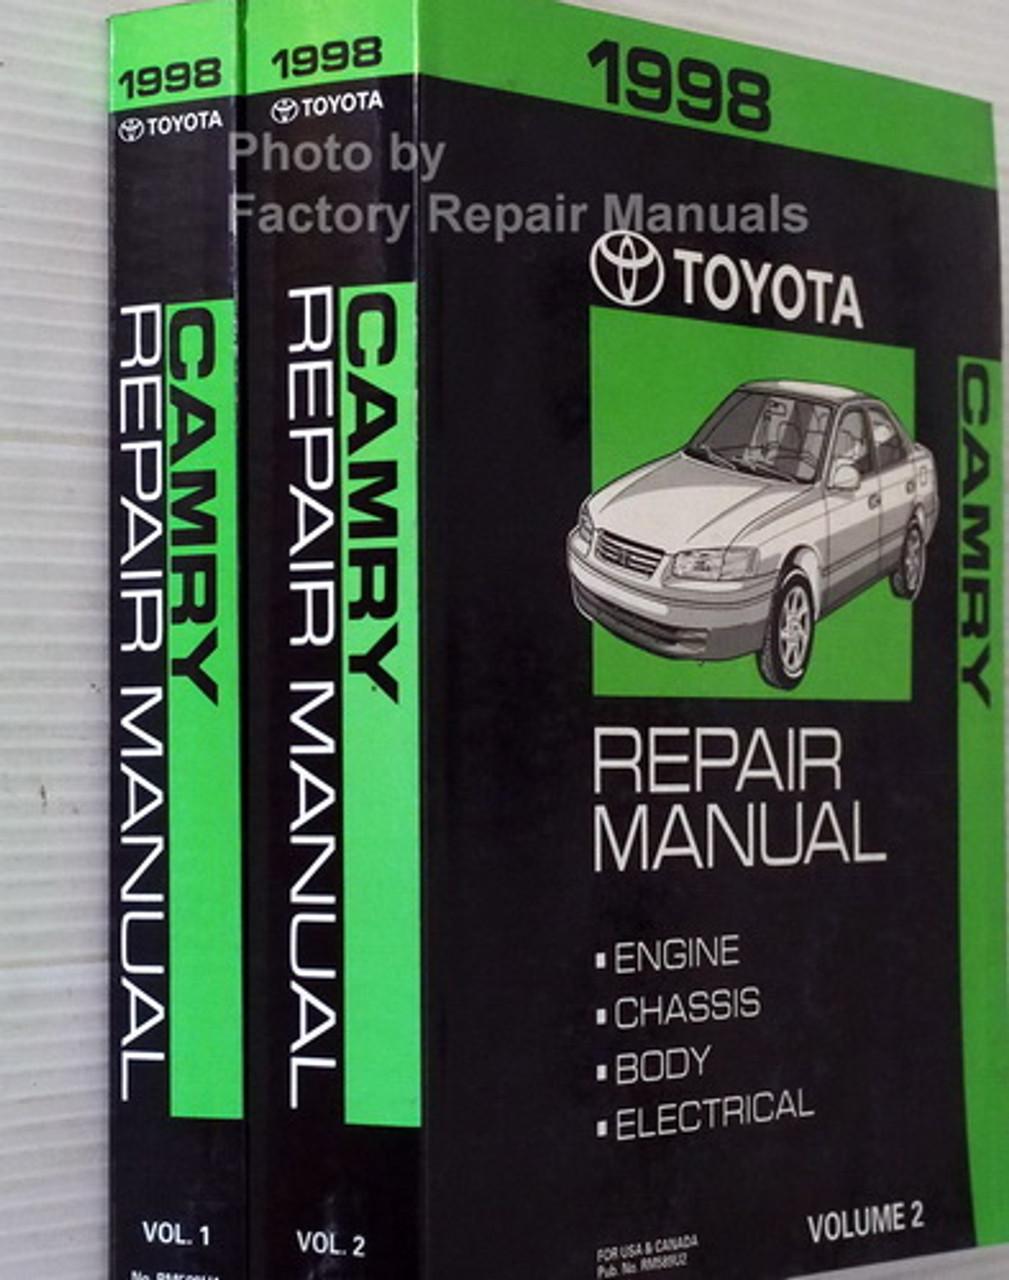 Manuals 1996 Camry Repair Manual Pdf Full Version Hd Quality Repair Manual Wiremor 5avenues Fr